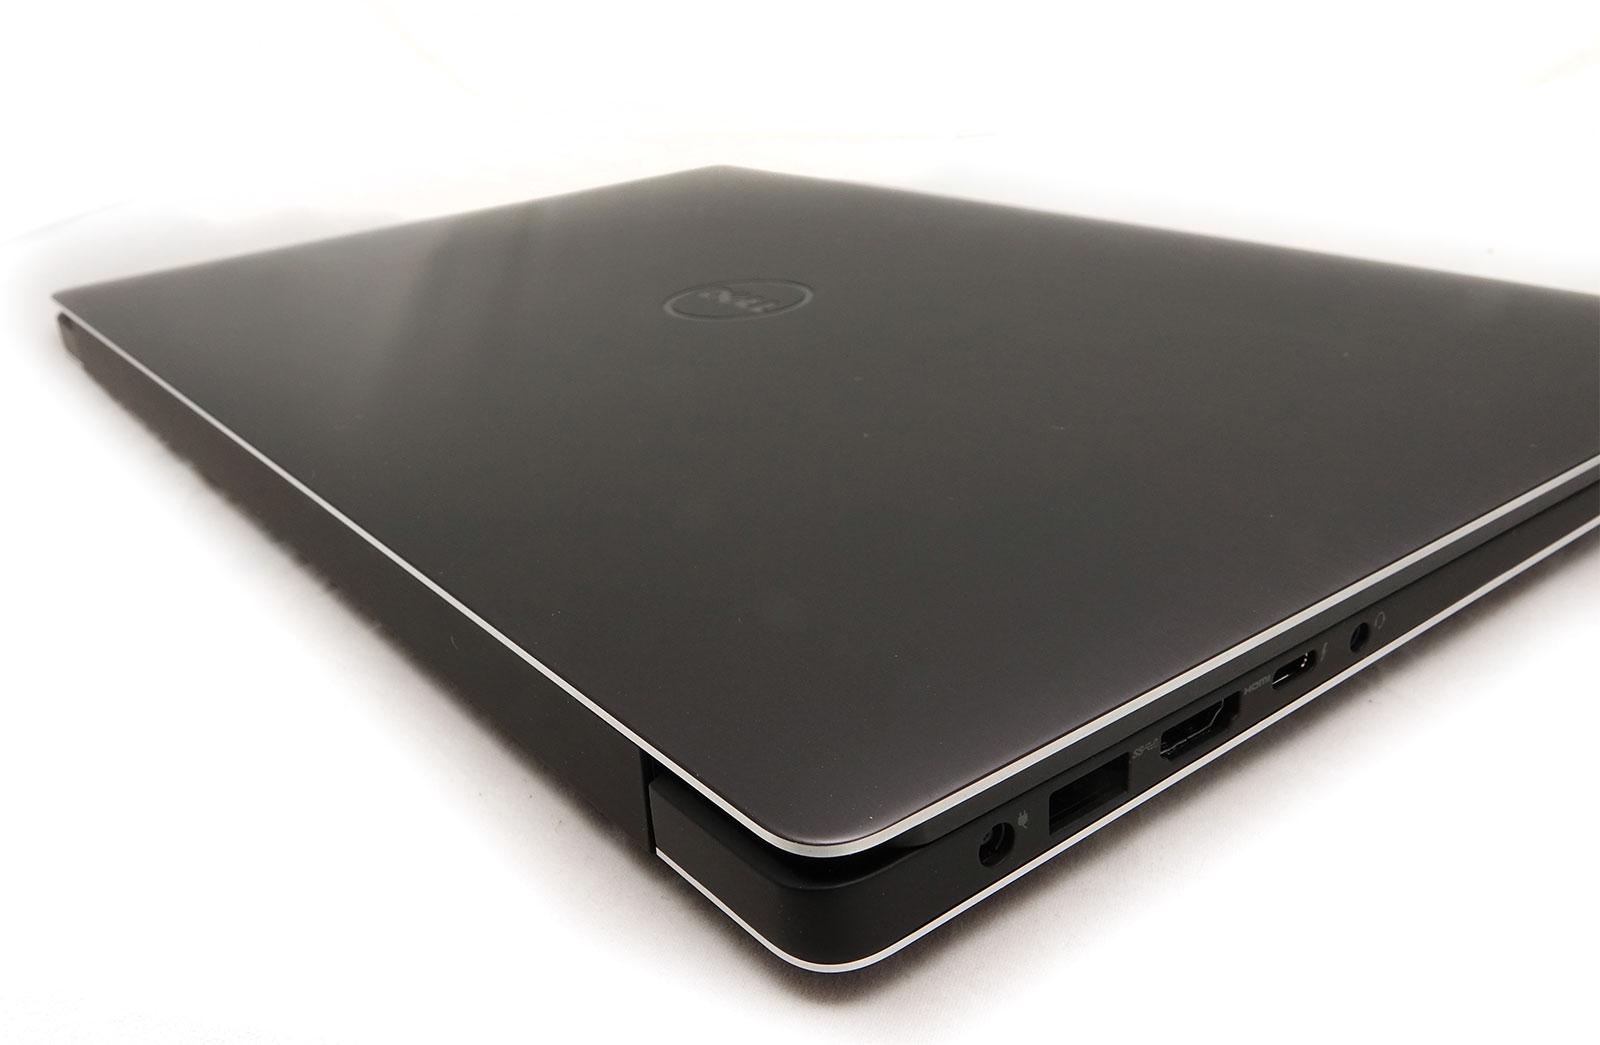 Review: Dell Precision 5520 (20th Anniversary Edition) – Pickr